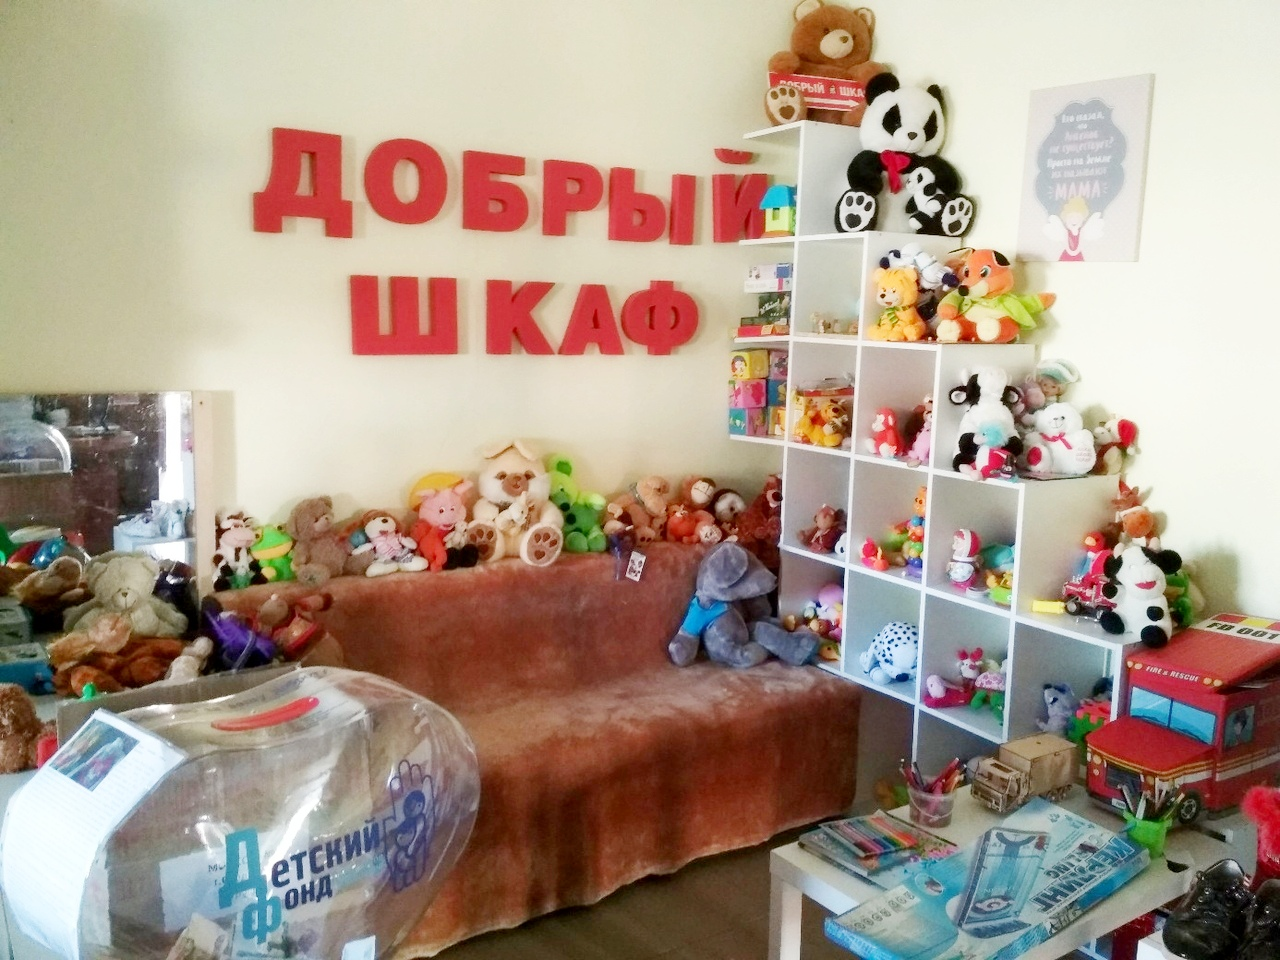 Около 1000 жителей Тверской области получили помощь благодаря проекту «Добрый шкаф»